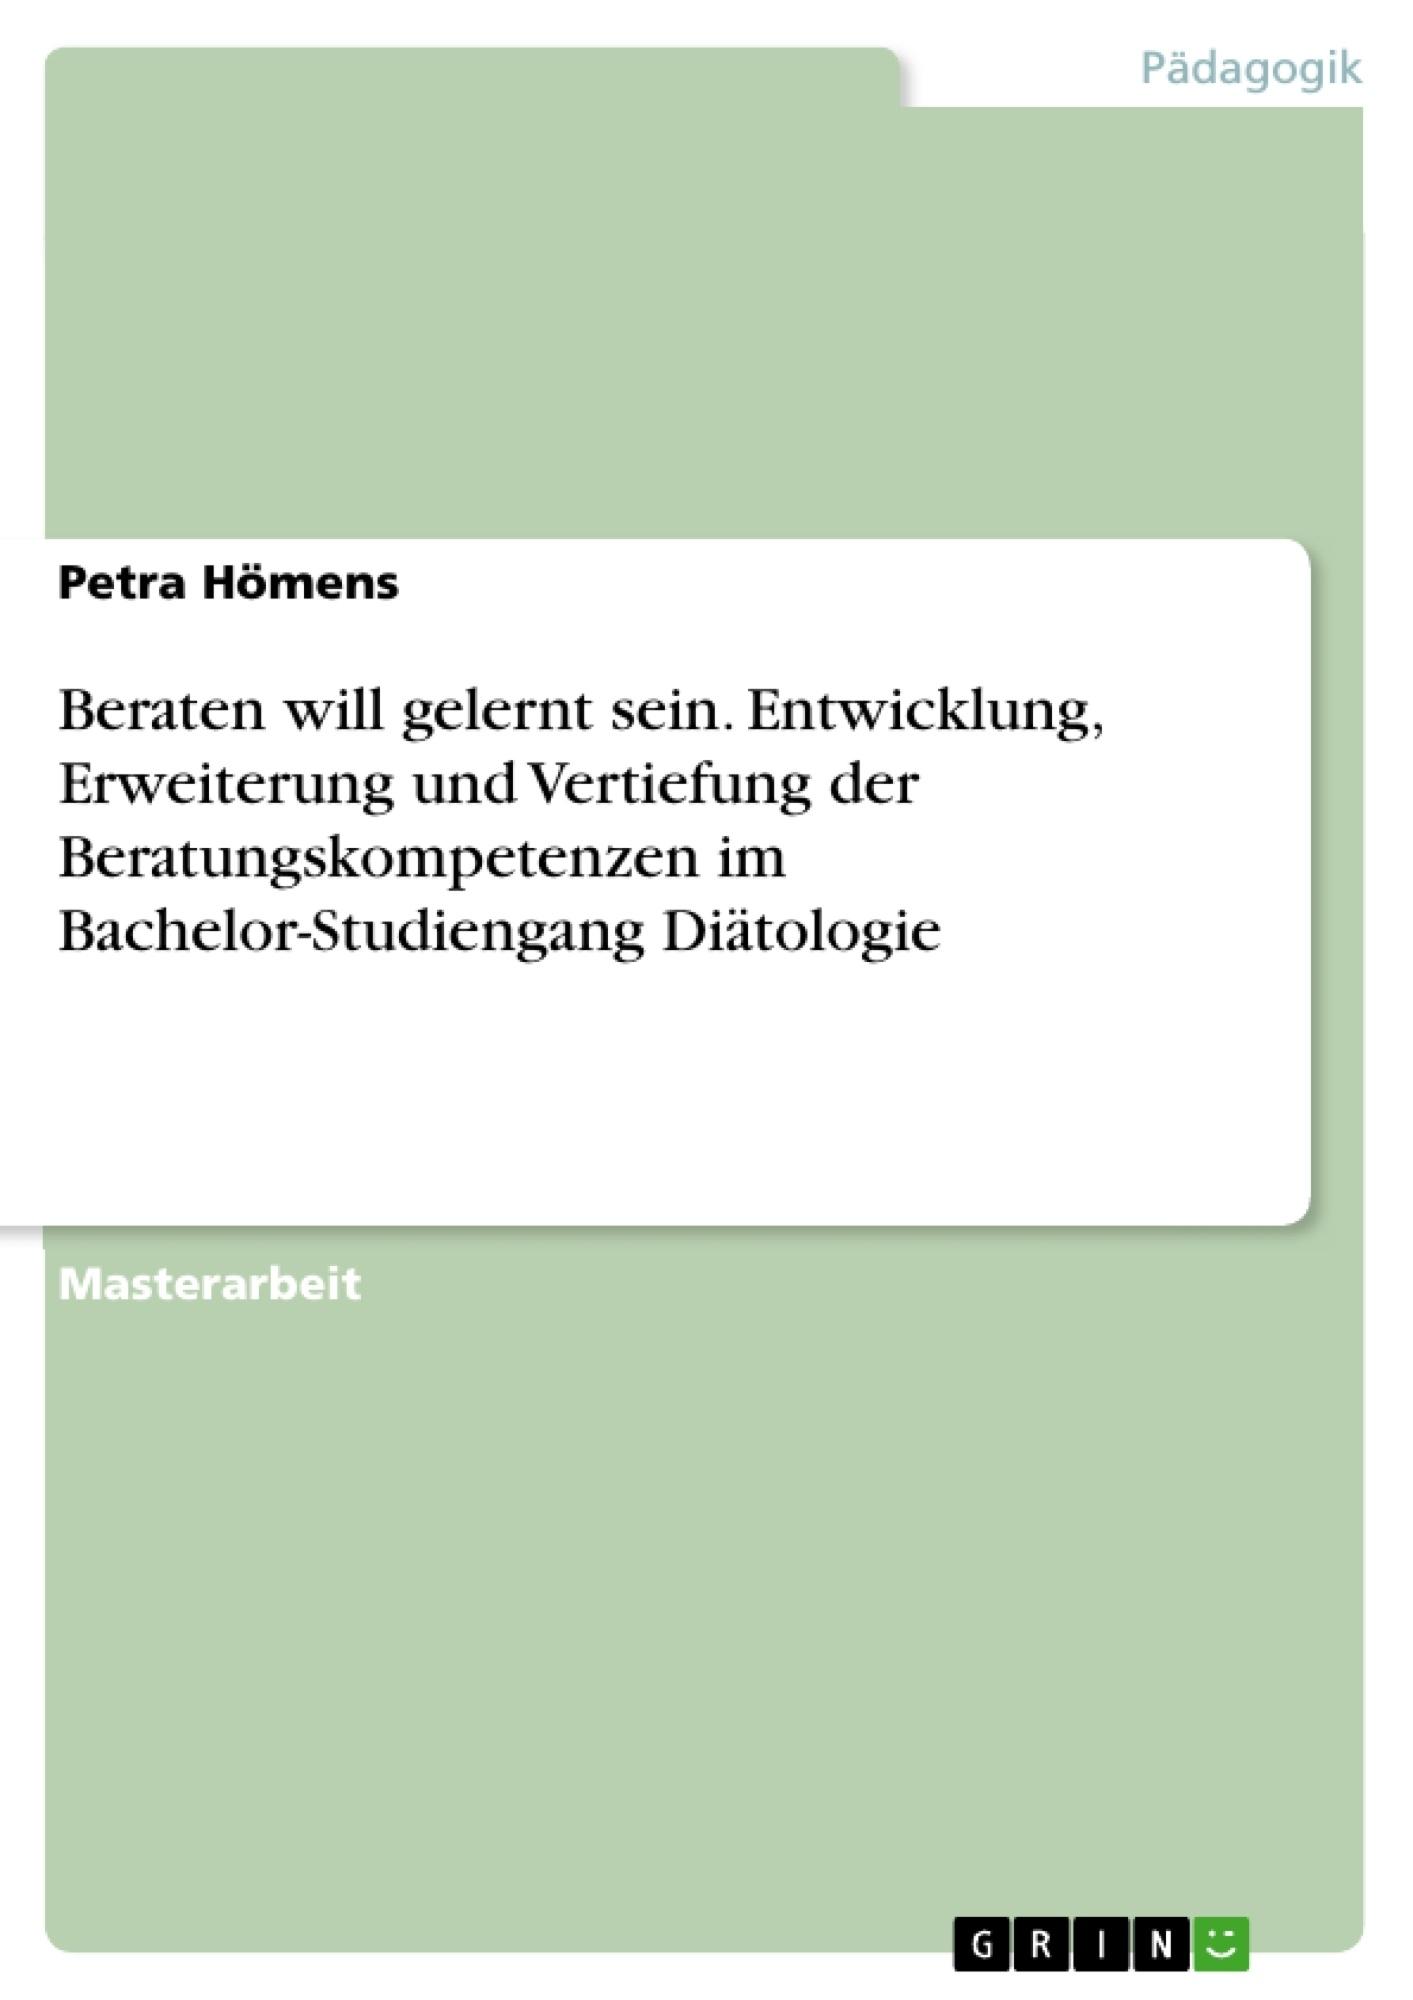 Titel: Beraten will gelernt sein. Entwicklung, Erweiterung und Vertiefung der Beratungskompetenzen im Bachelor-Studiengang Diätologie